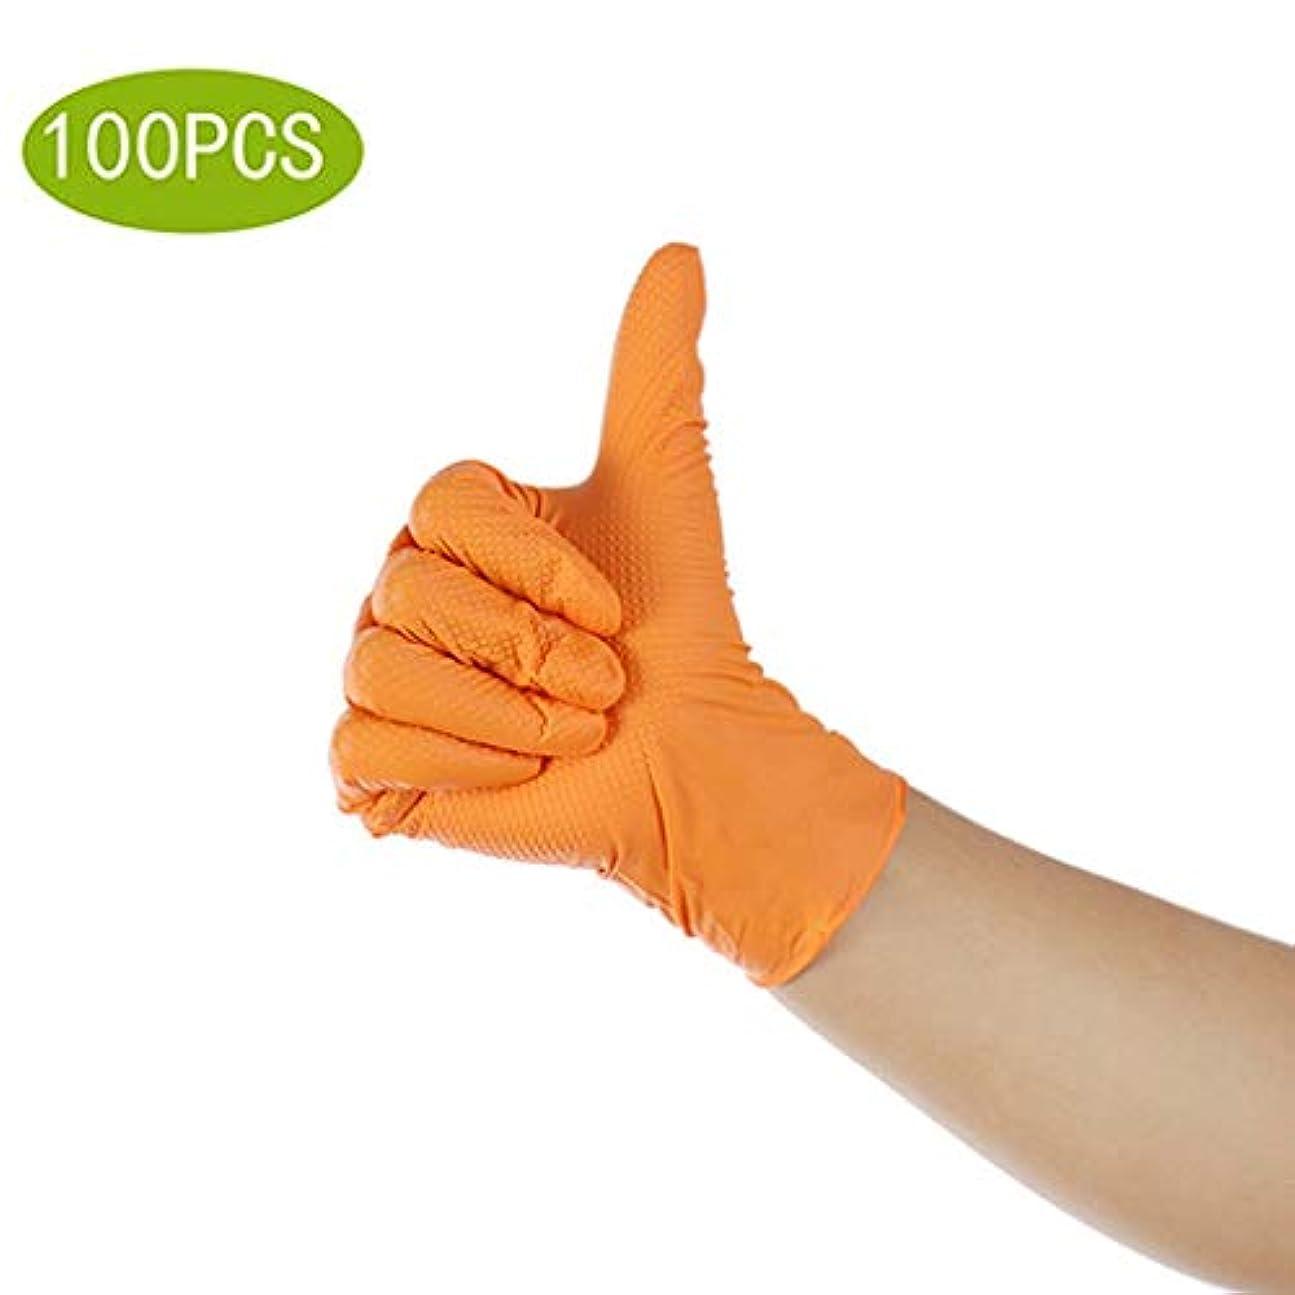 使い捨て手袋軽量9インチパウダーフリーラテックスフリーライト作業厚手の使い捨てゴム手袋、滑り止めパームプリントグレードタトゥーメディカル試験手袋100倍 (Color : Yellow, Size : S)